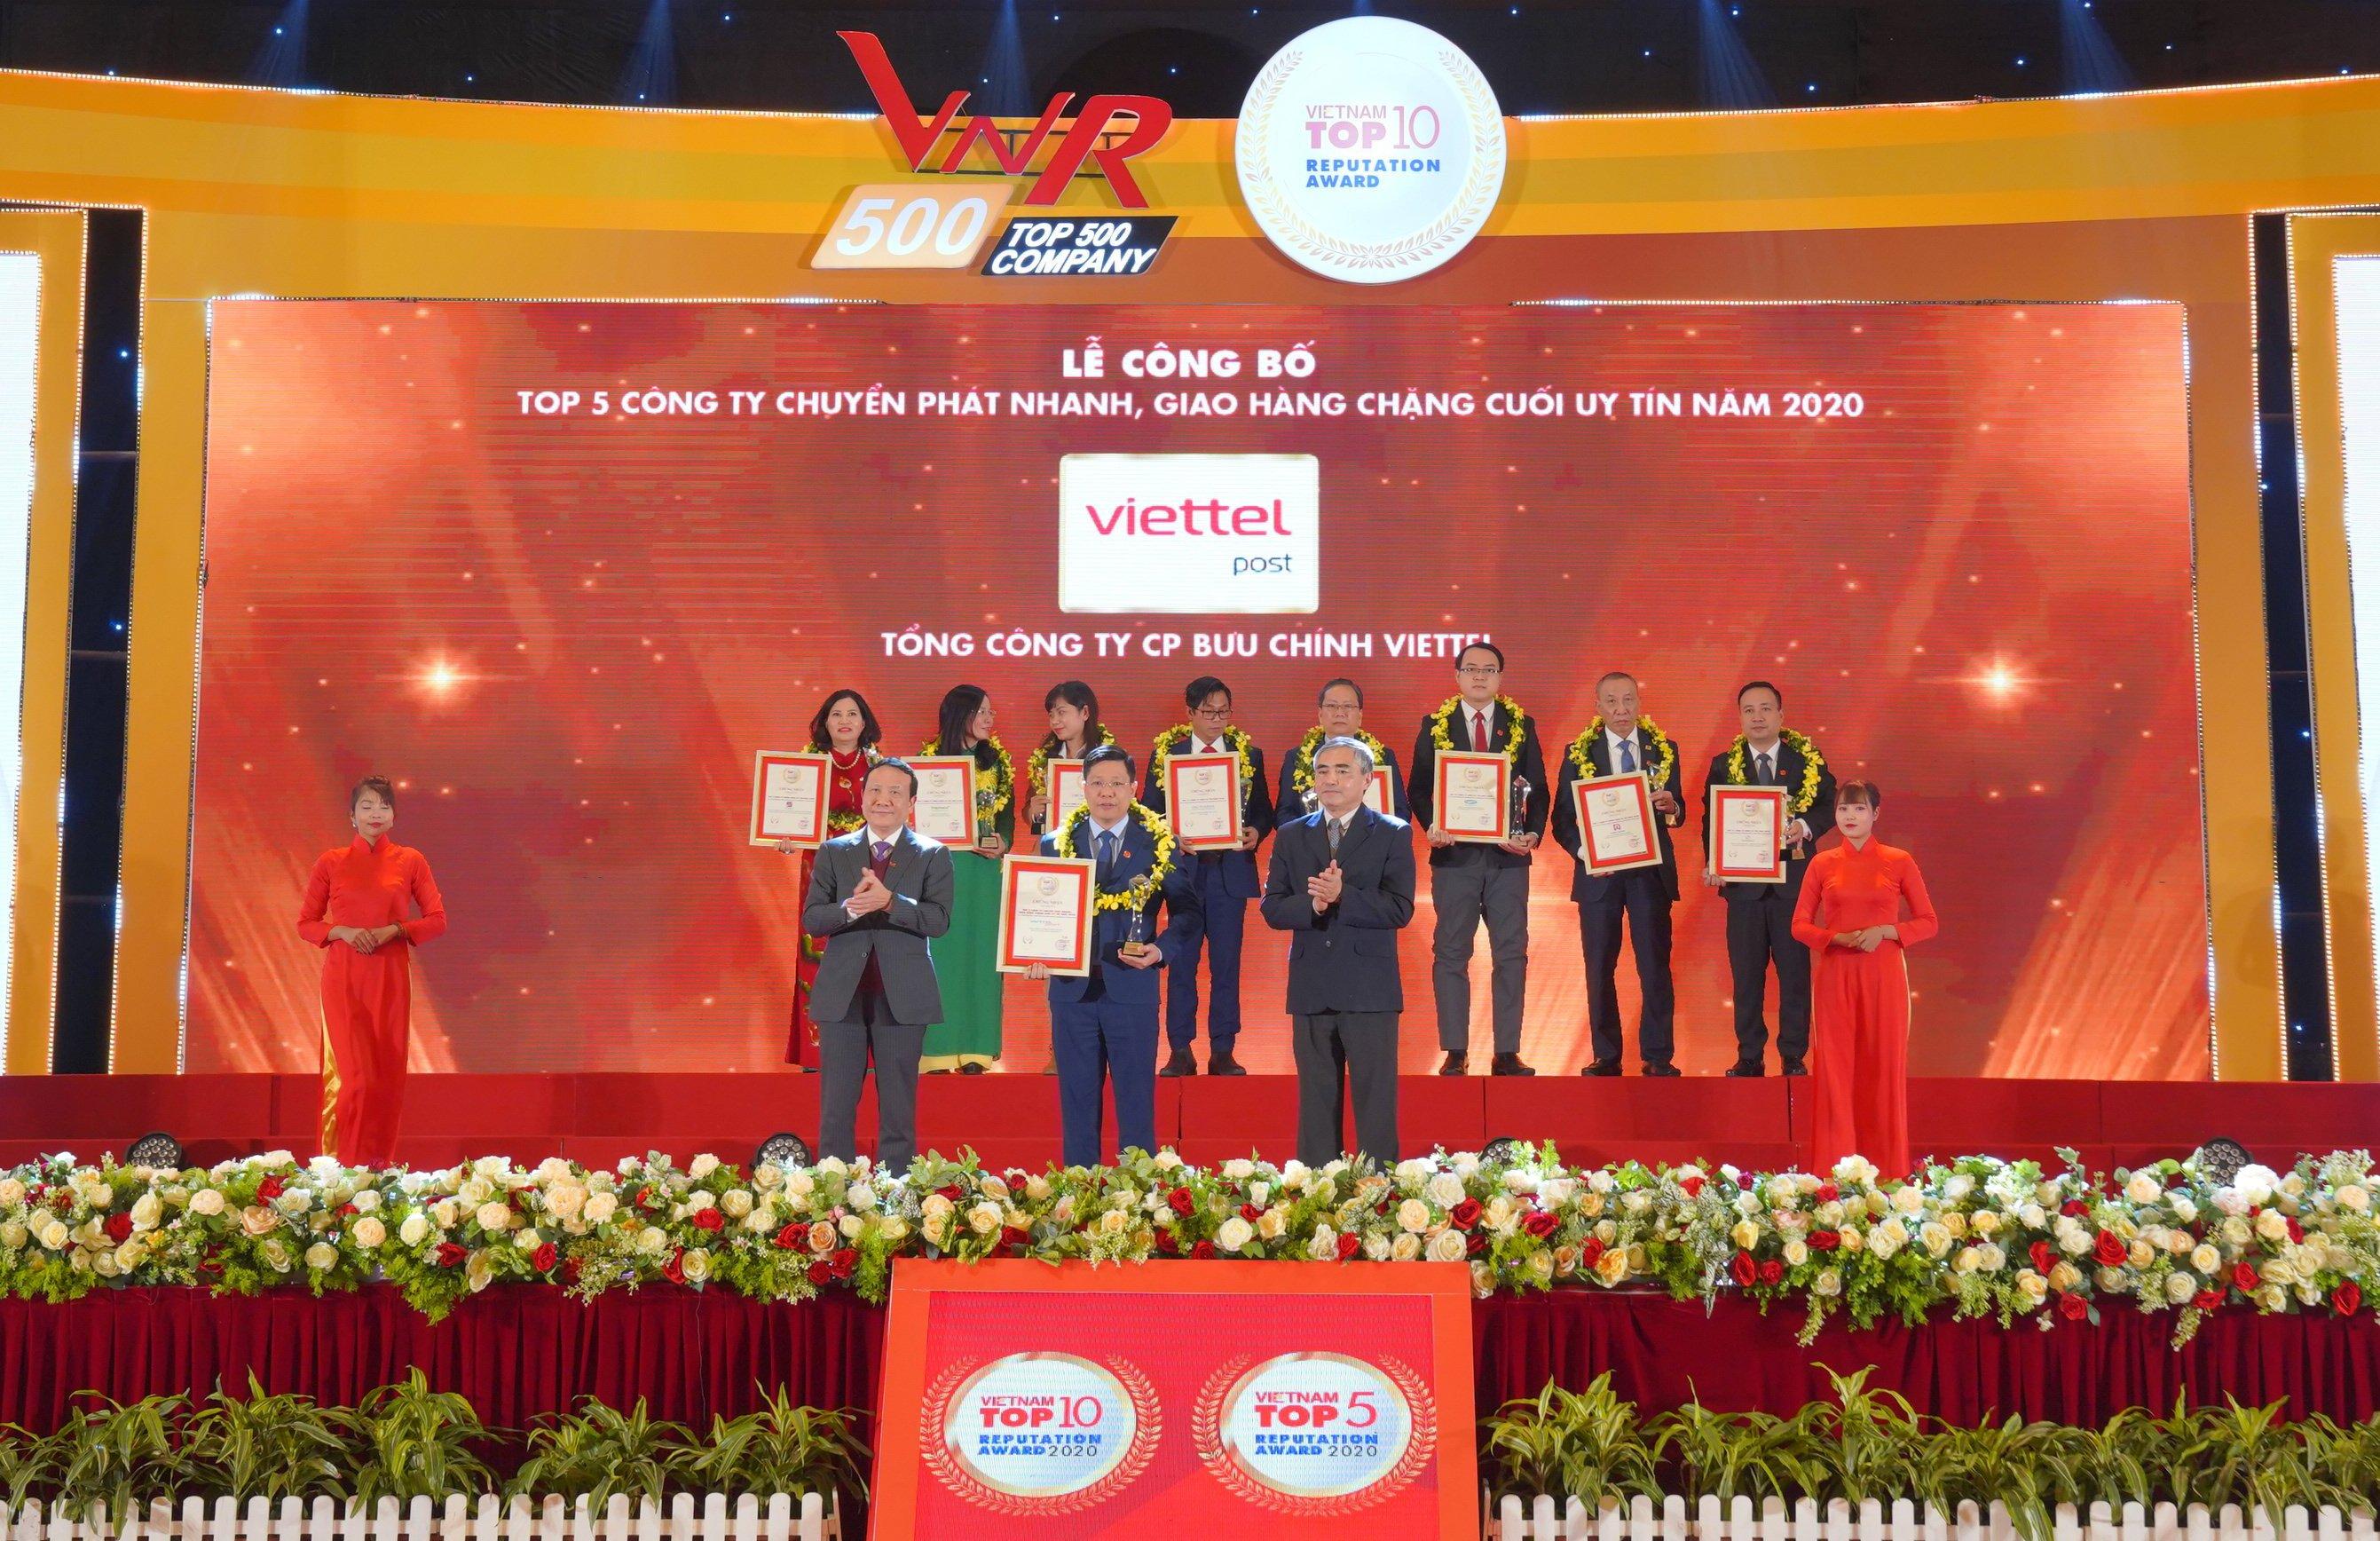 Điều gì giúp Viettel Post trở thành Top 1 công ty logistics uy tín – nhóm ngành chuyển phát hai năm liên tiếp?